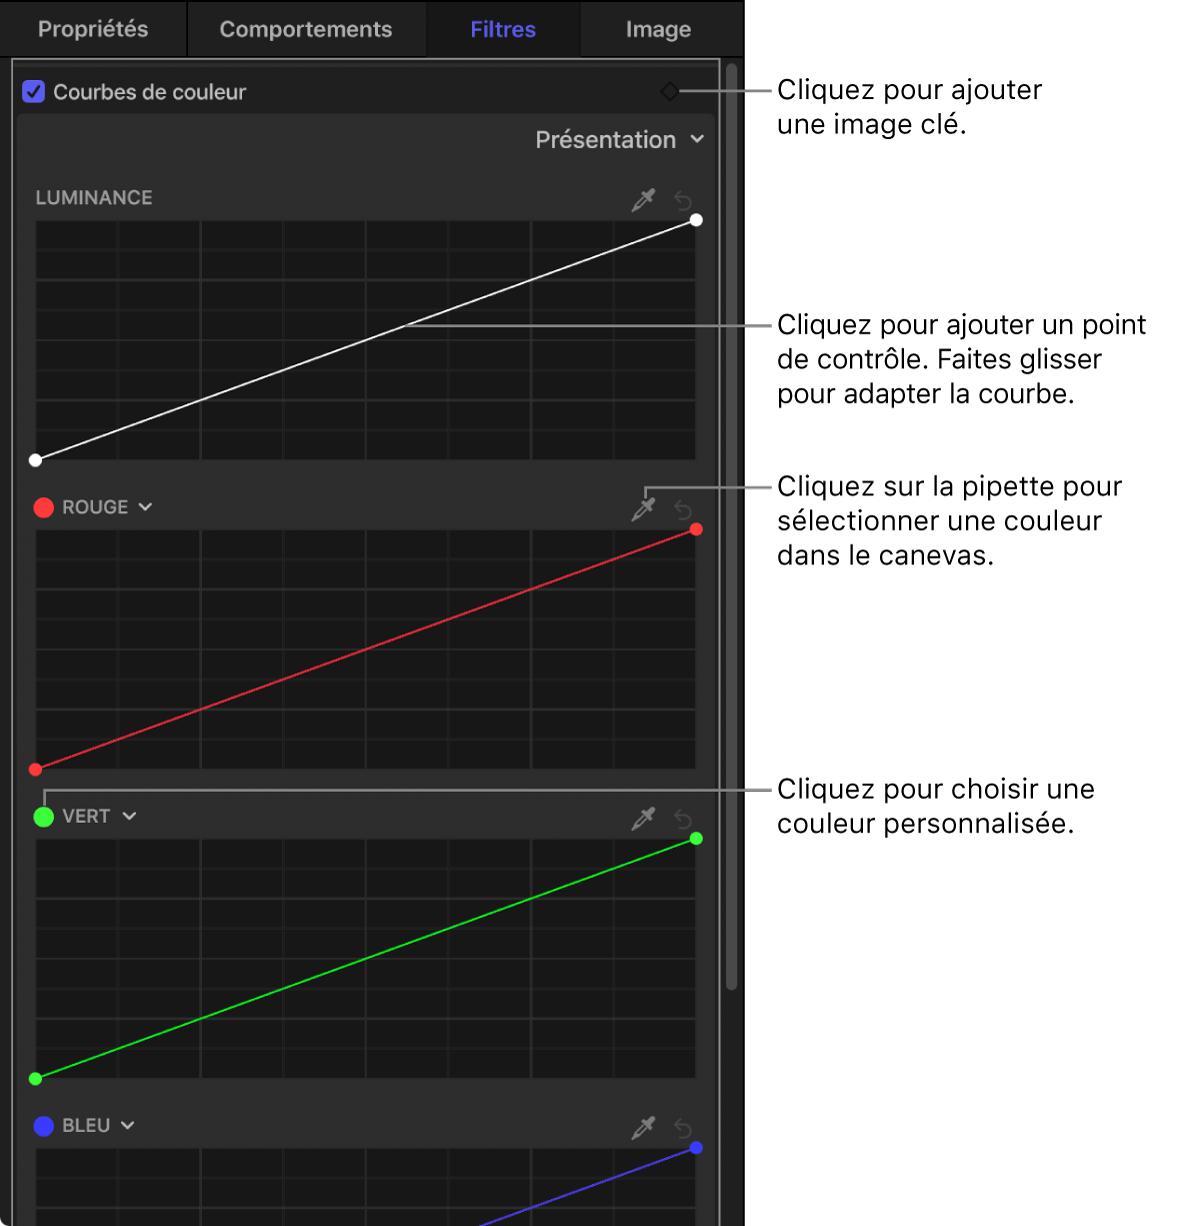 Commandes des courbes de couleur dans l'inspecteur de filtres